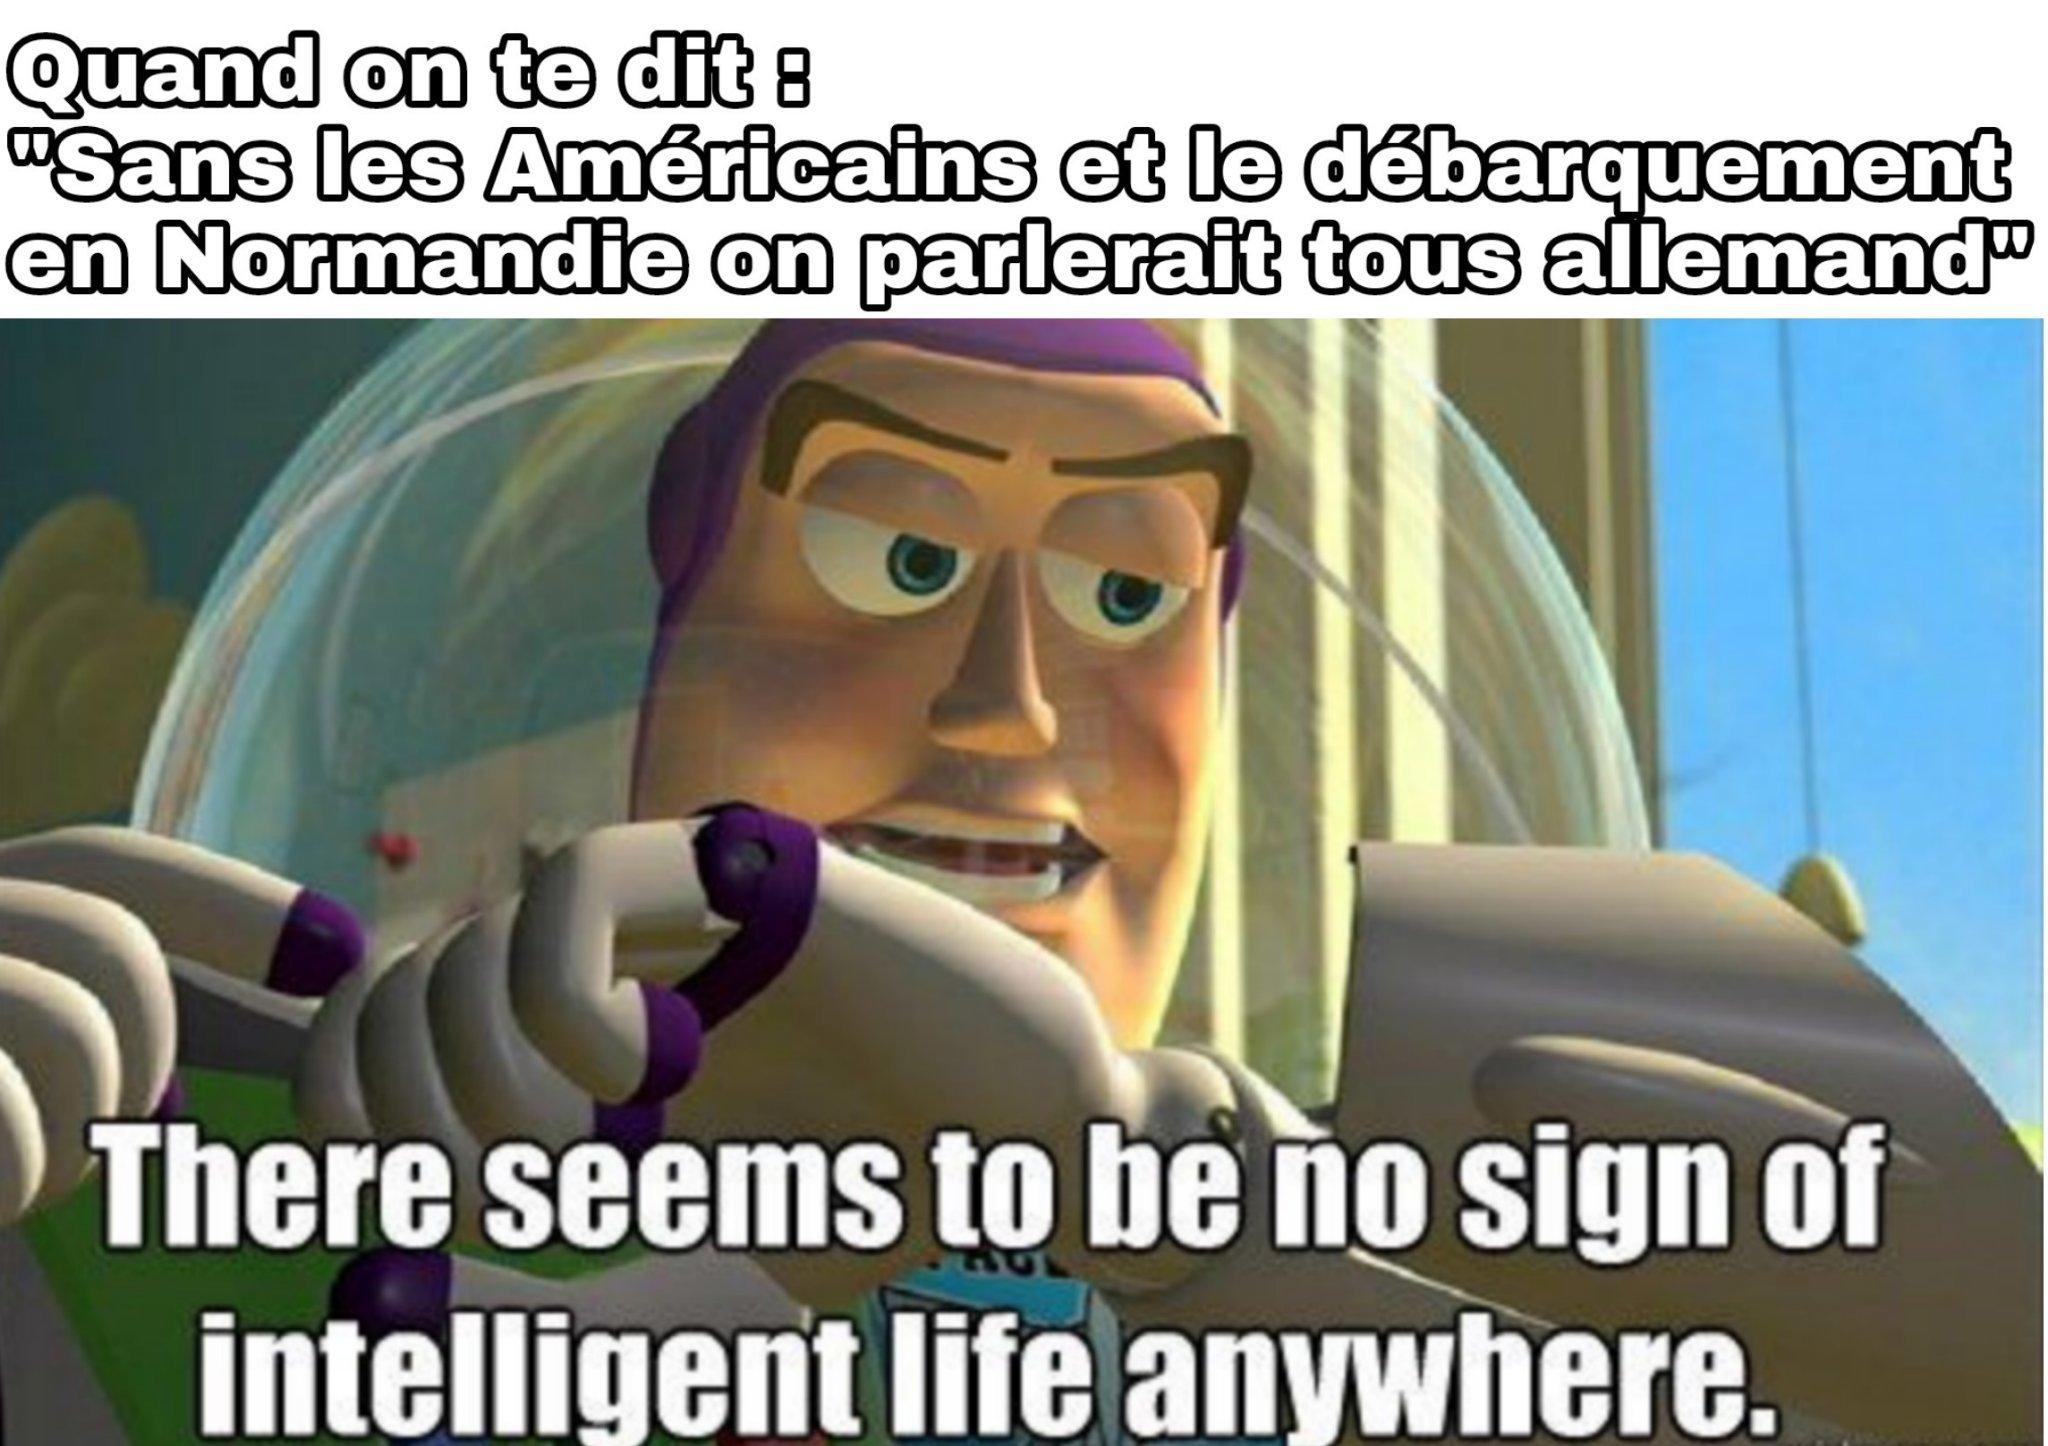 mErCi LeS aMéRiCaInS - meme